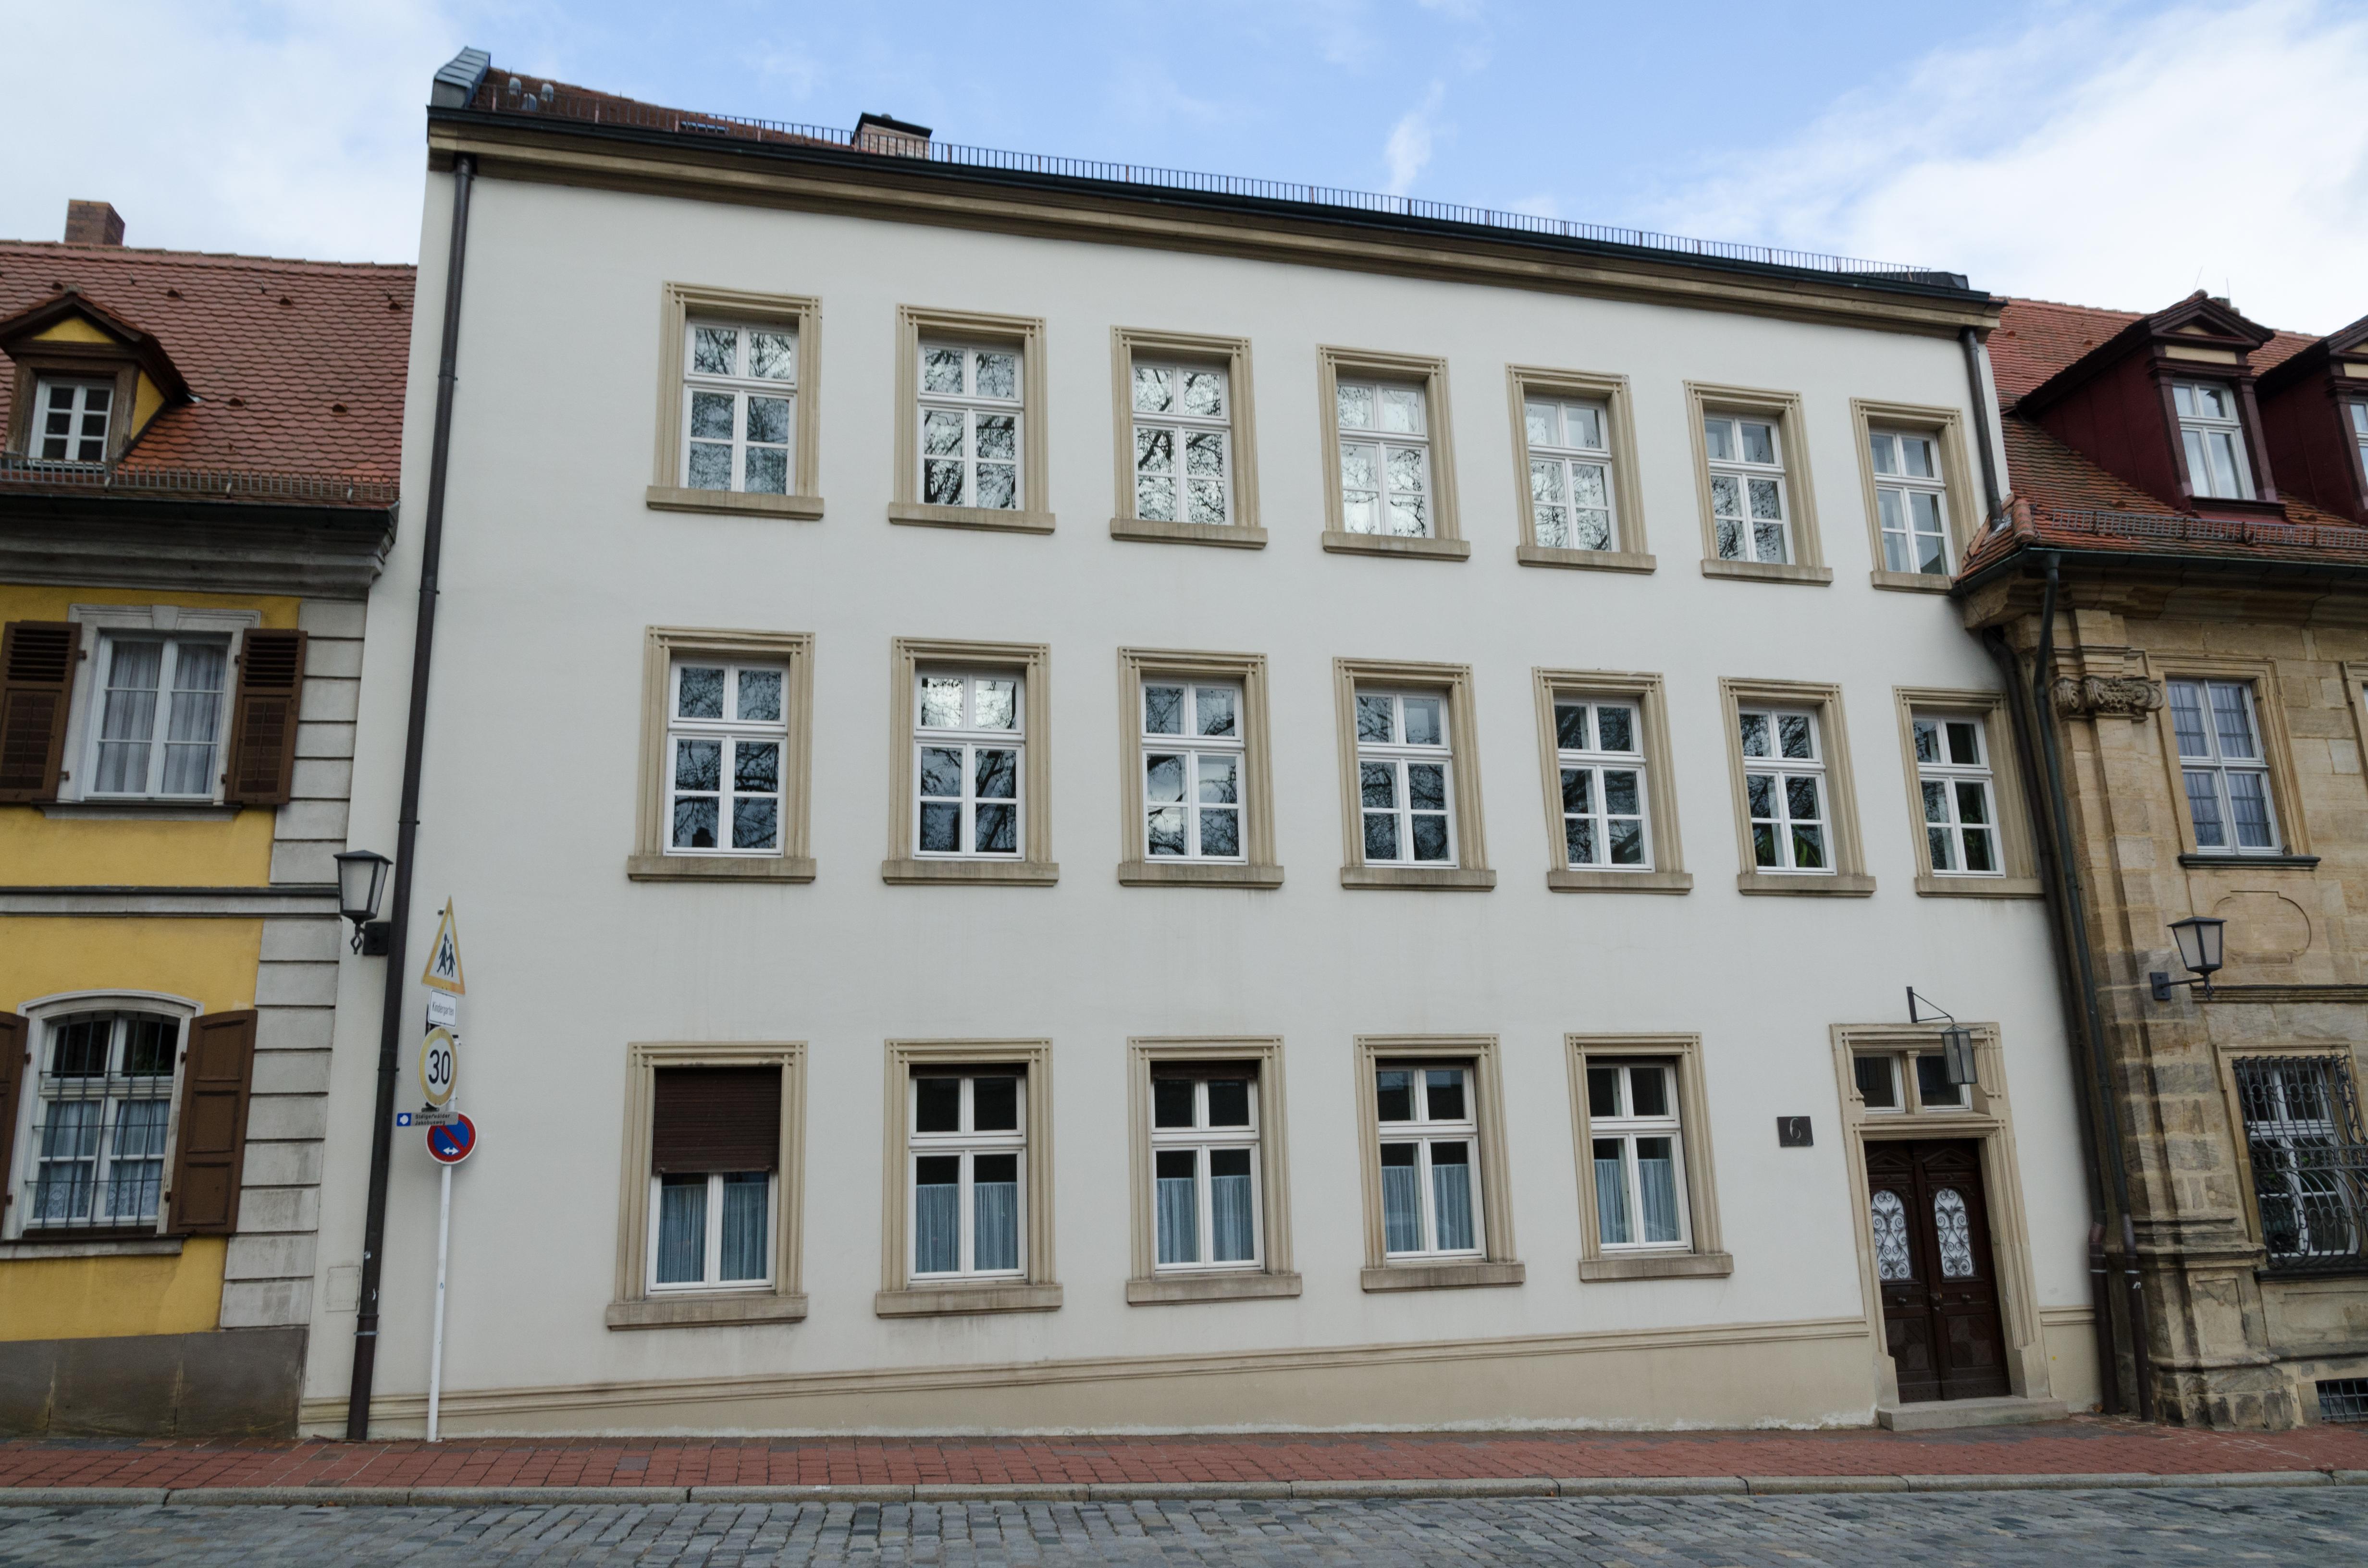 jakobsplatz